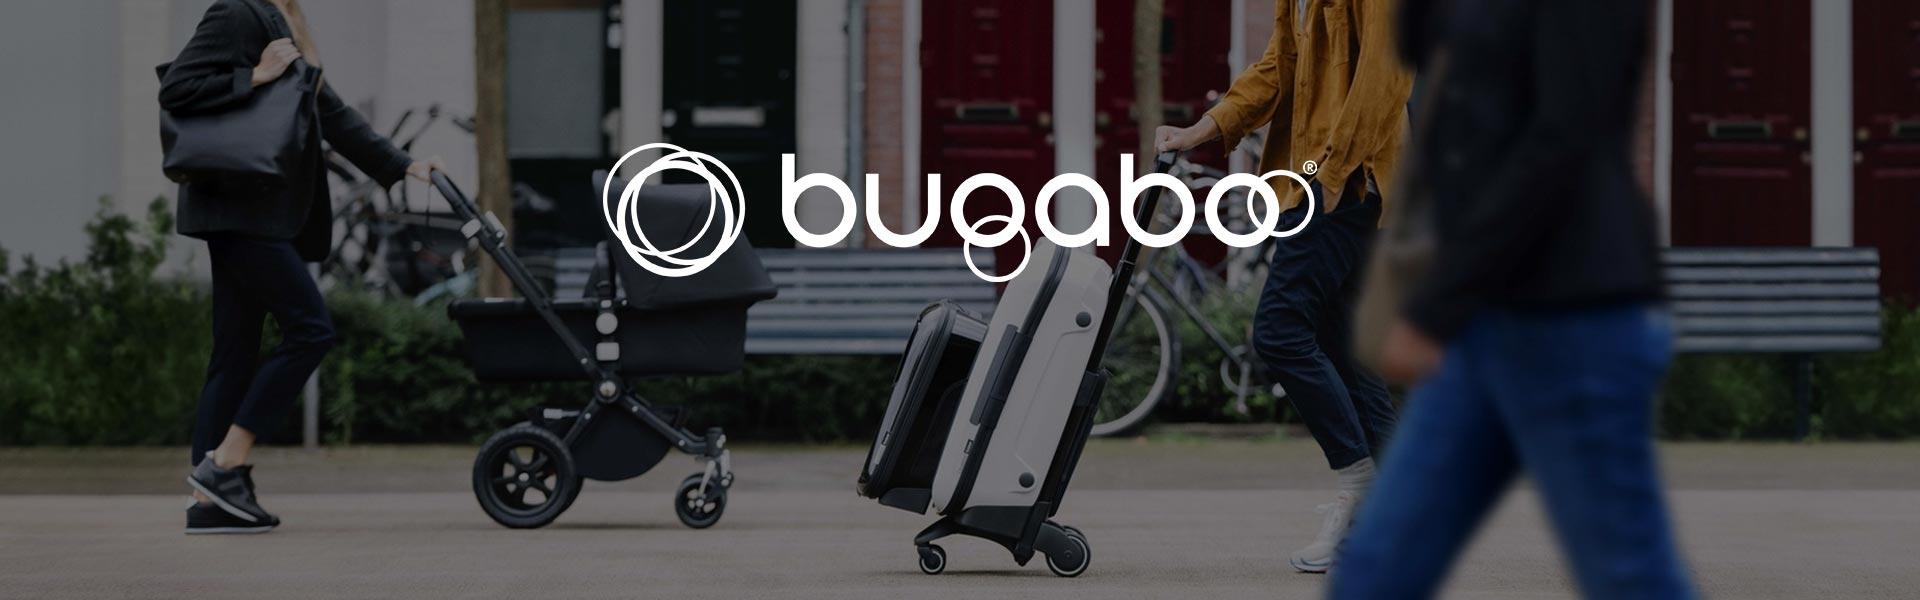 Bugaboo-Marke